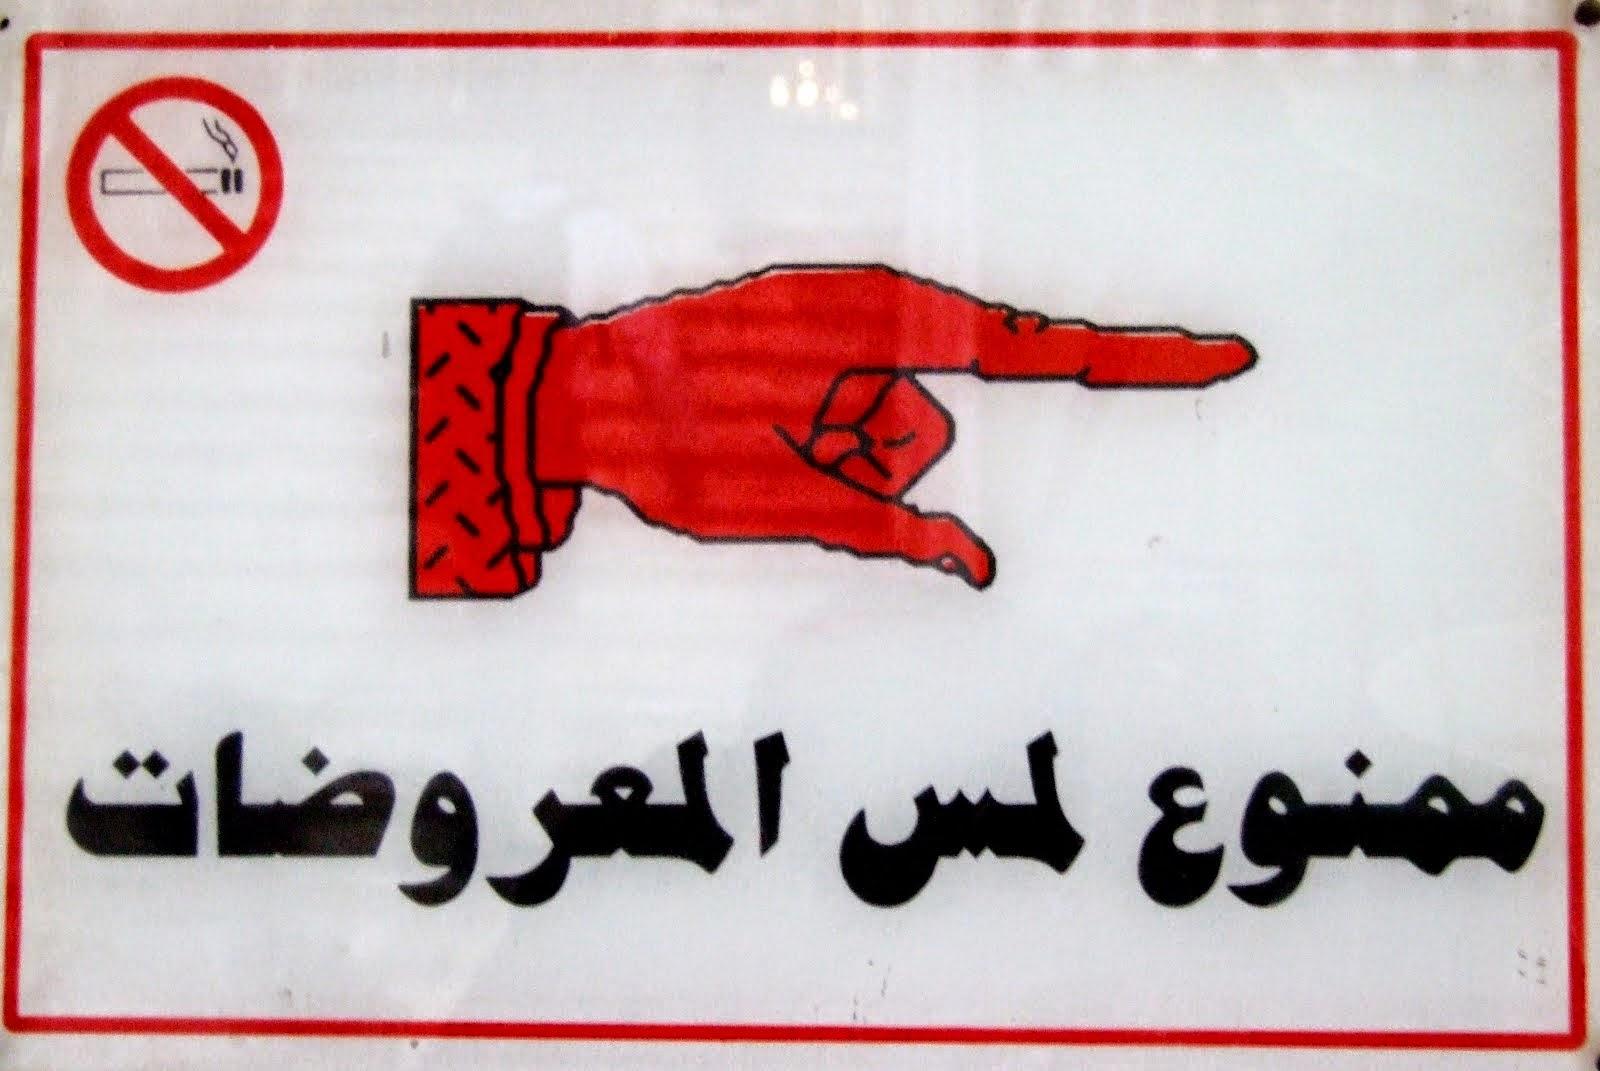 ممنوع لمس المعروضات